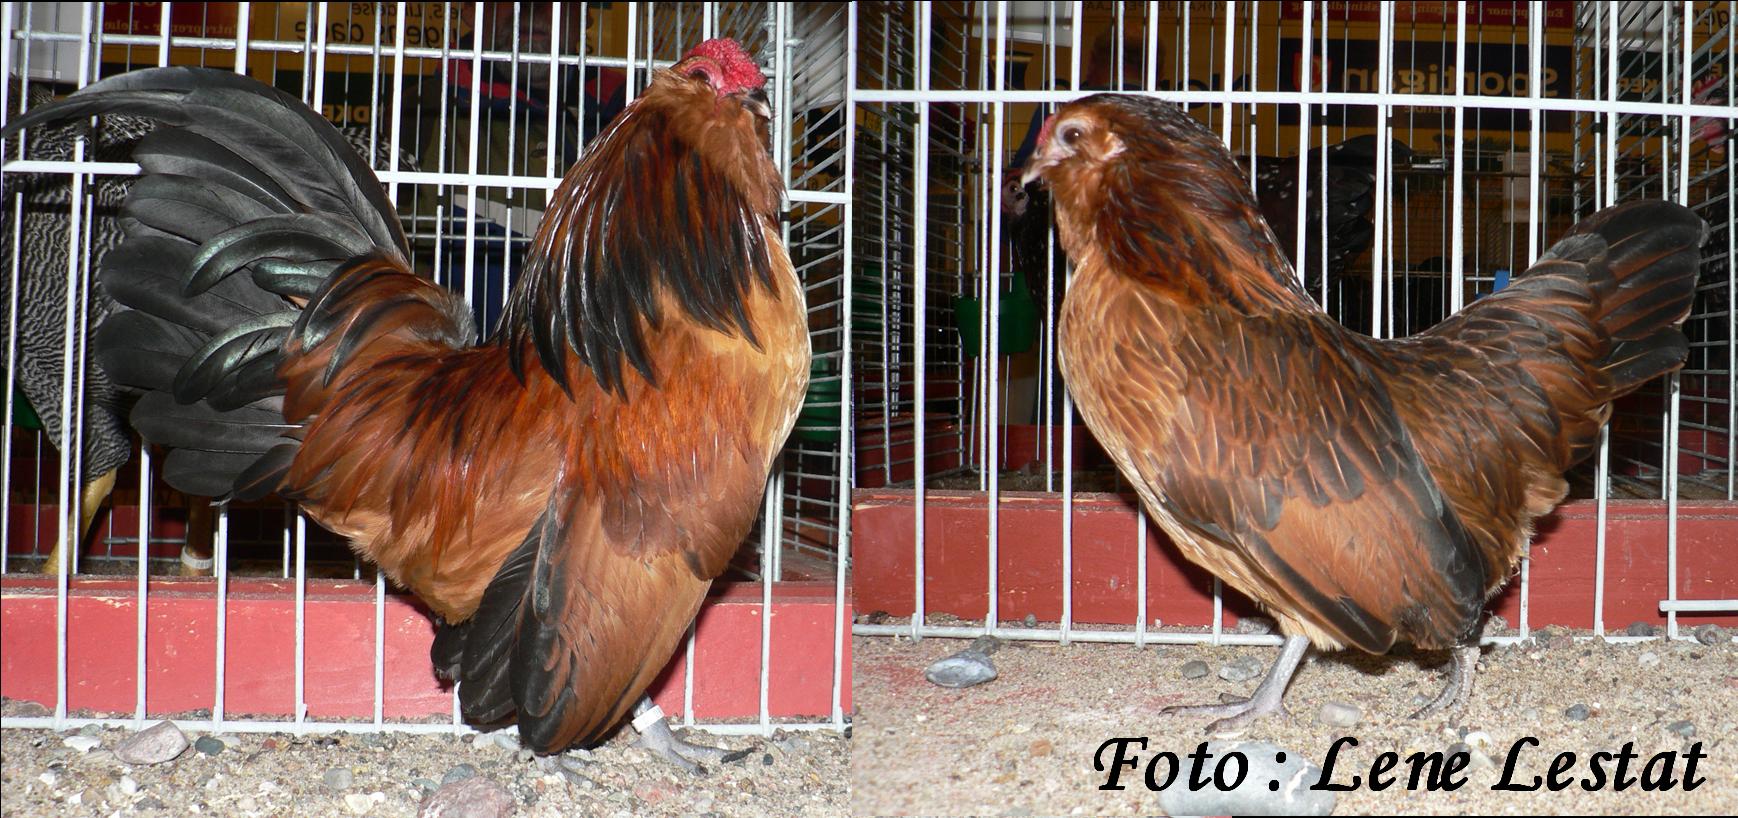 1,1 antwerpner skæghøns – guld vagtelfarvetpng